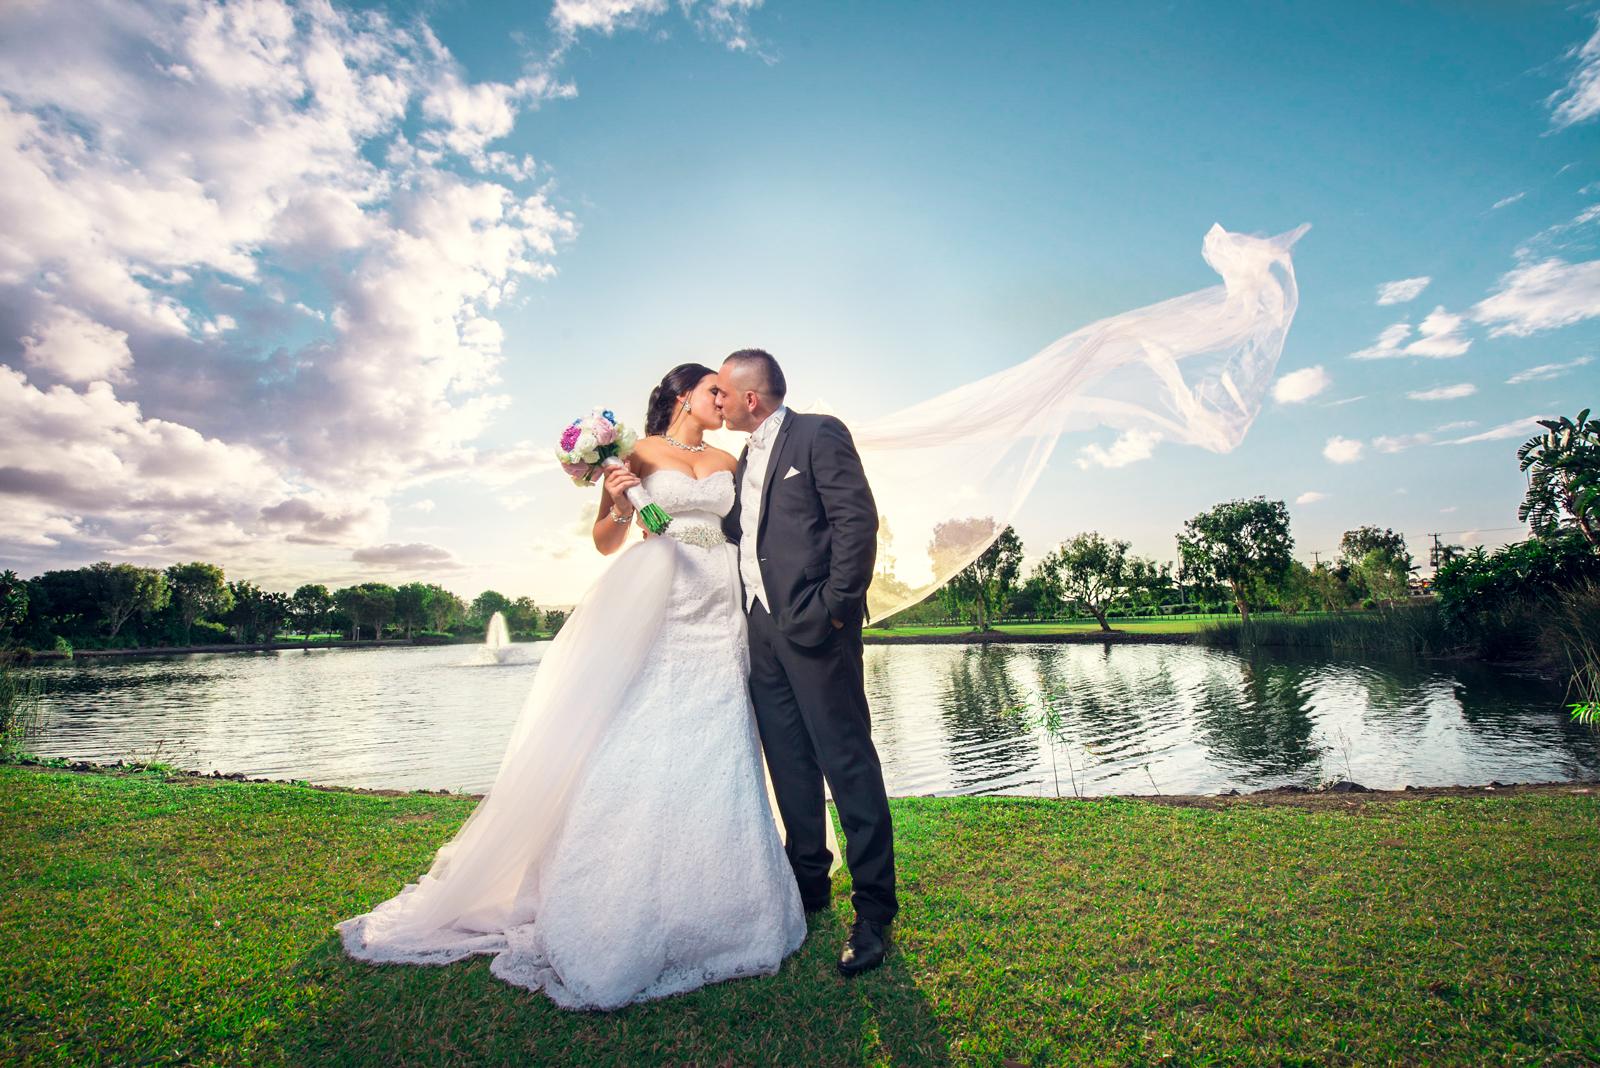 Botanical Gardens Wedding Photography Gold Coast